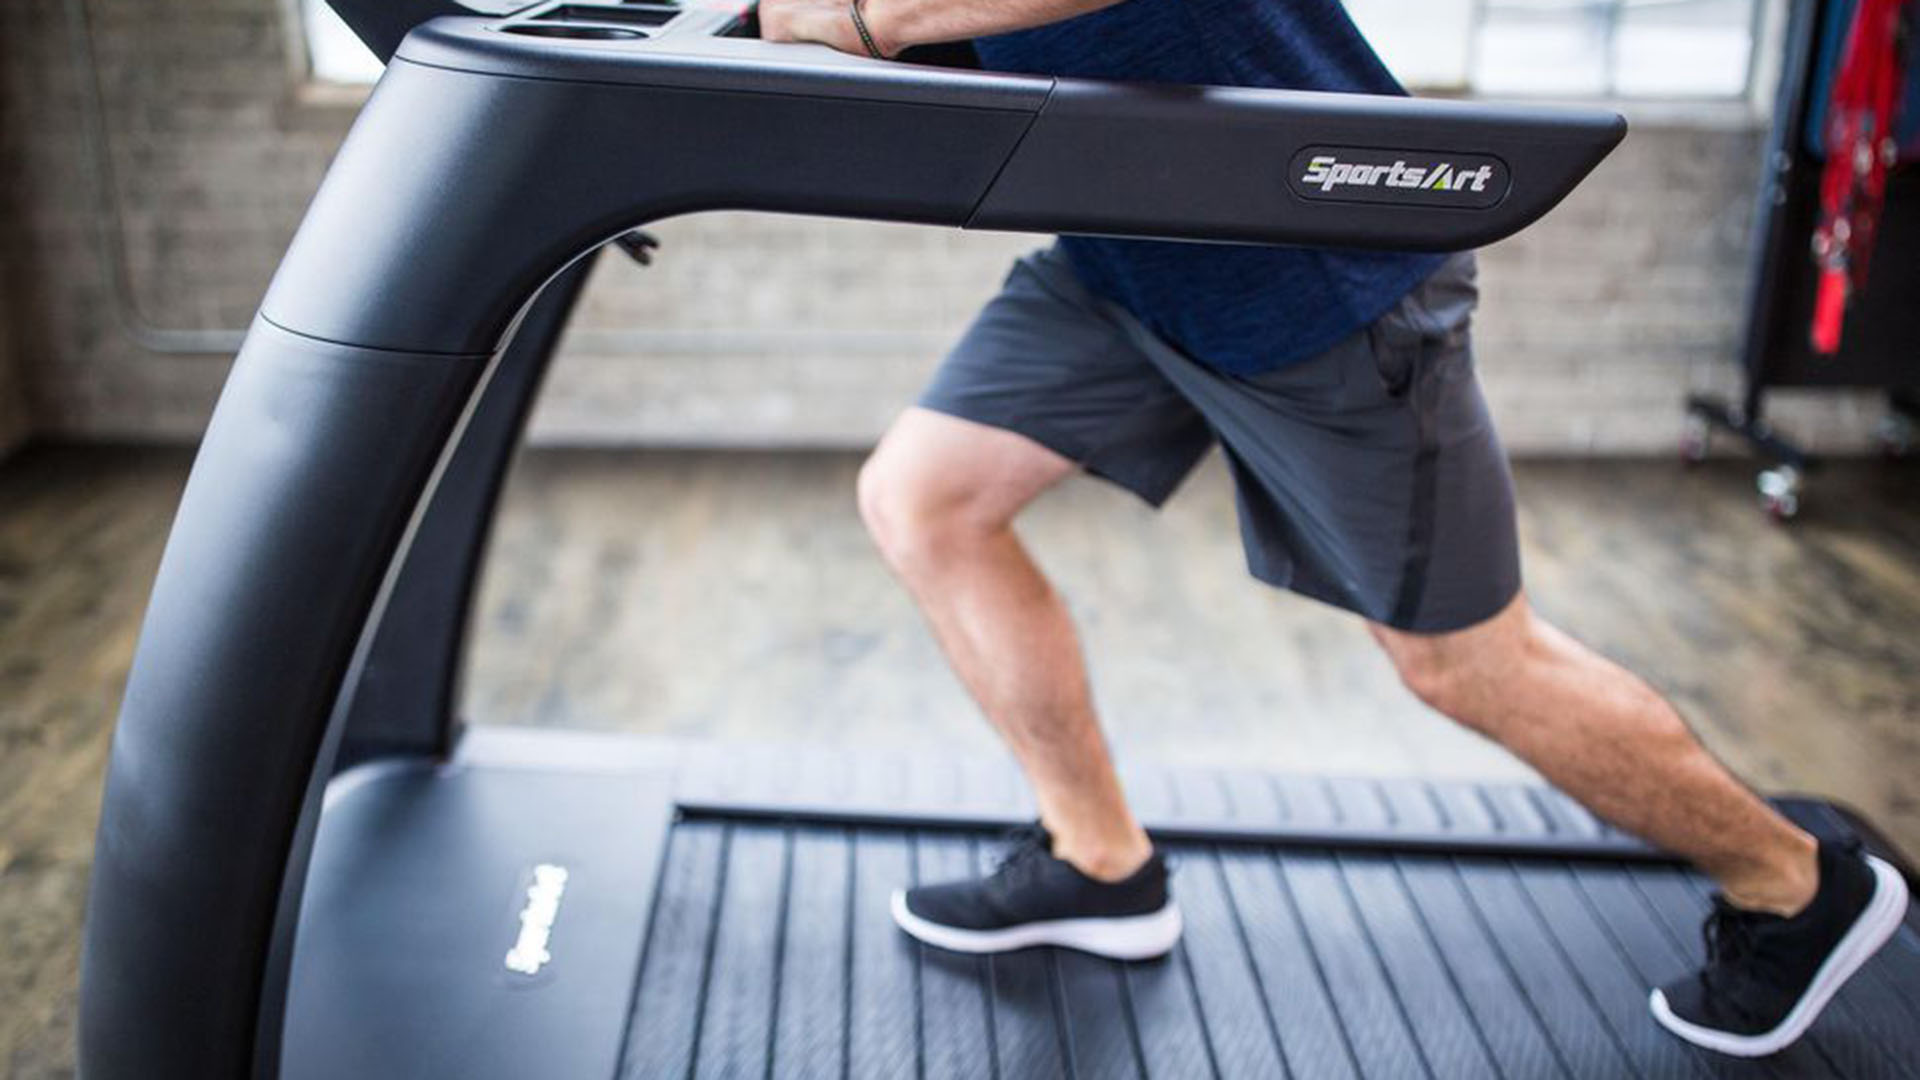 La cinta de correr Verde de SportsArt genera energía limpia mientras el usuario entrena.